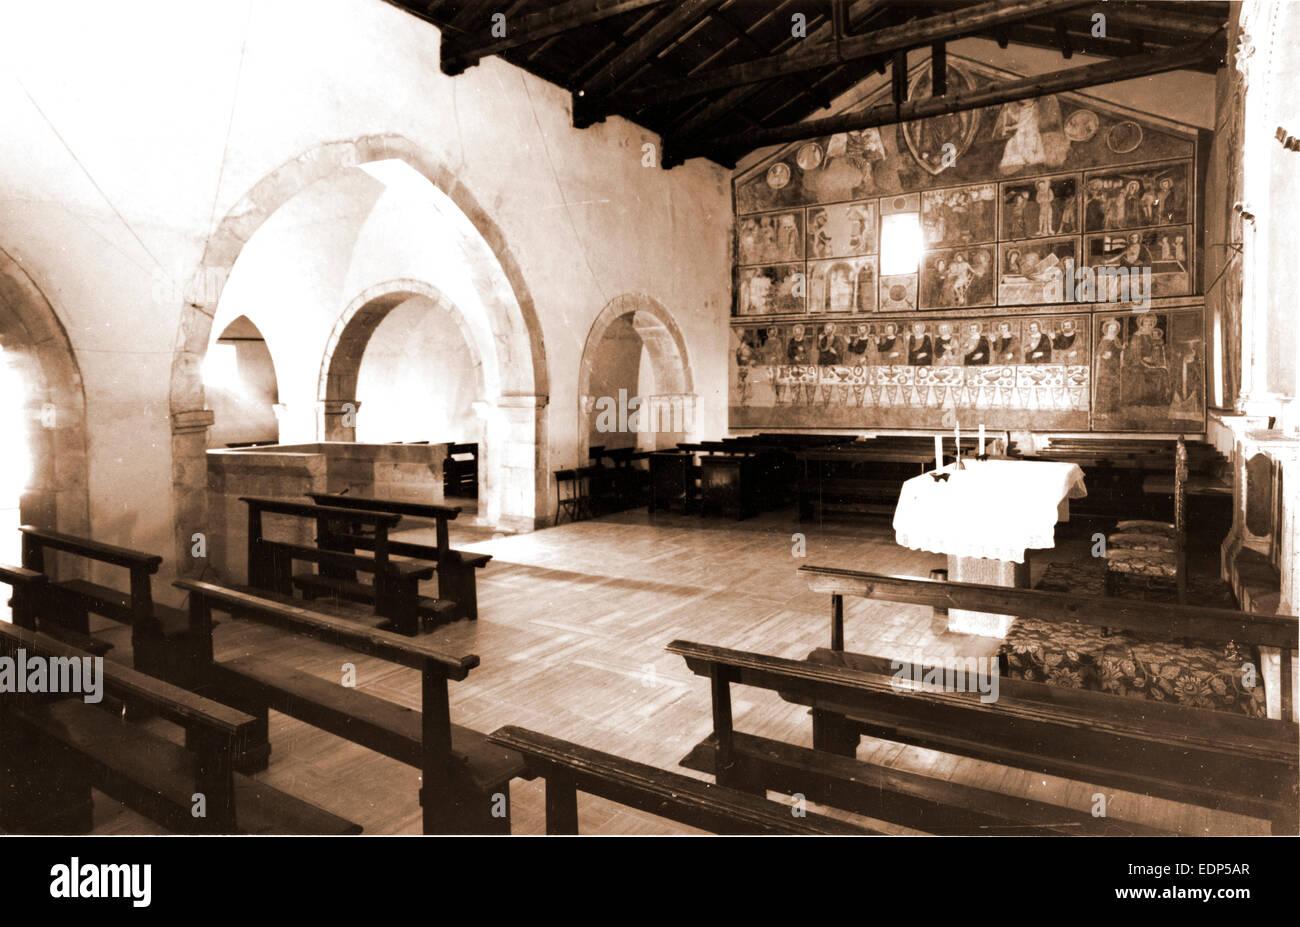 Abruzzo, l'Aquila, Rocca di Cambio, S. Lucia, chiesa abbaziale, Italia, xx secolo, foto, fotografia, Europa Foto Stock